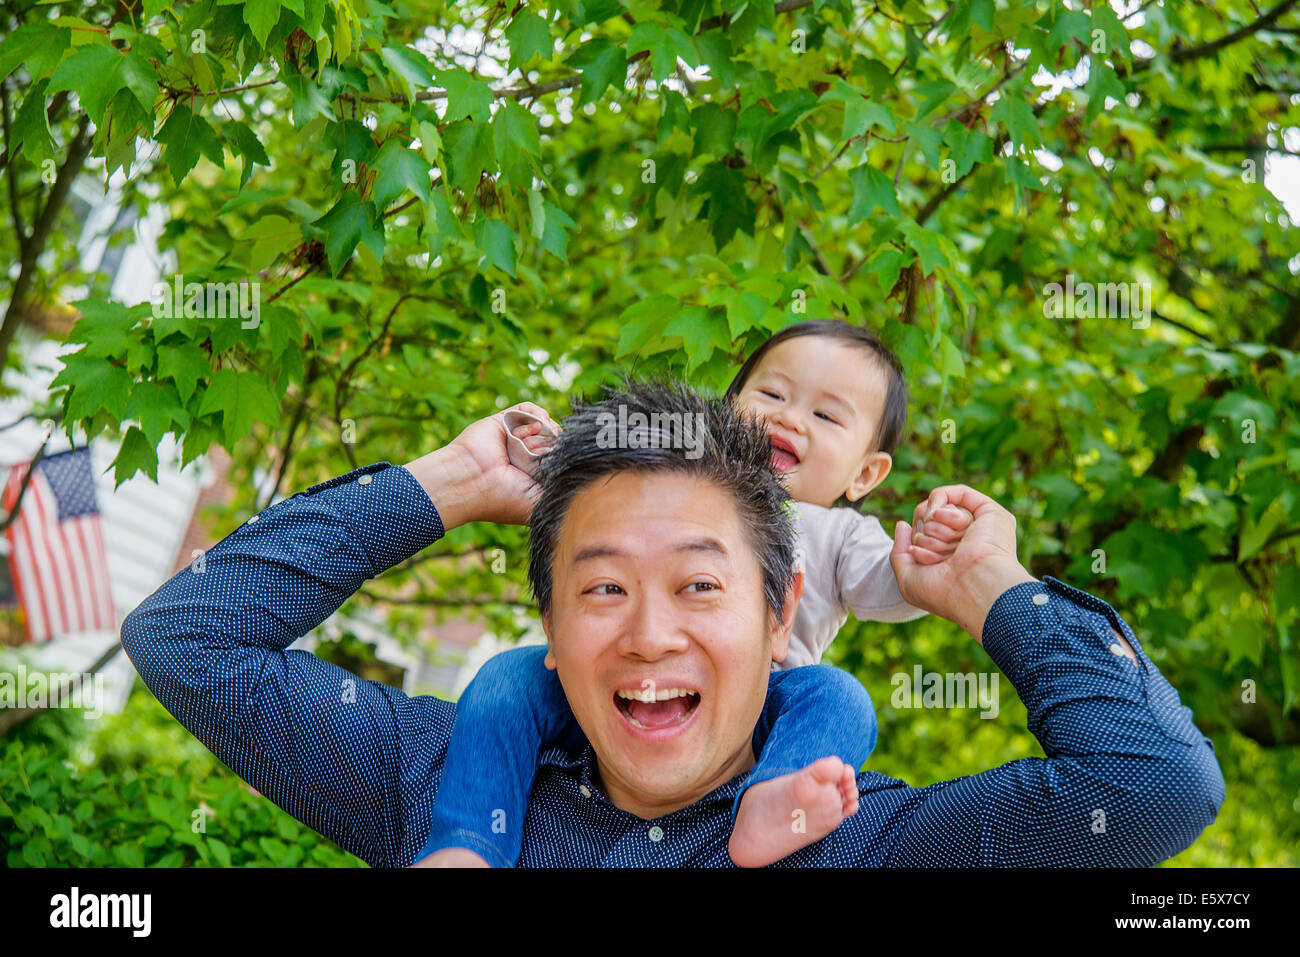 La metà degli adulti spalla padre bambino portando il figlio in giardino Foto Stock